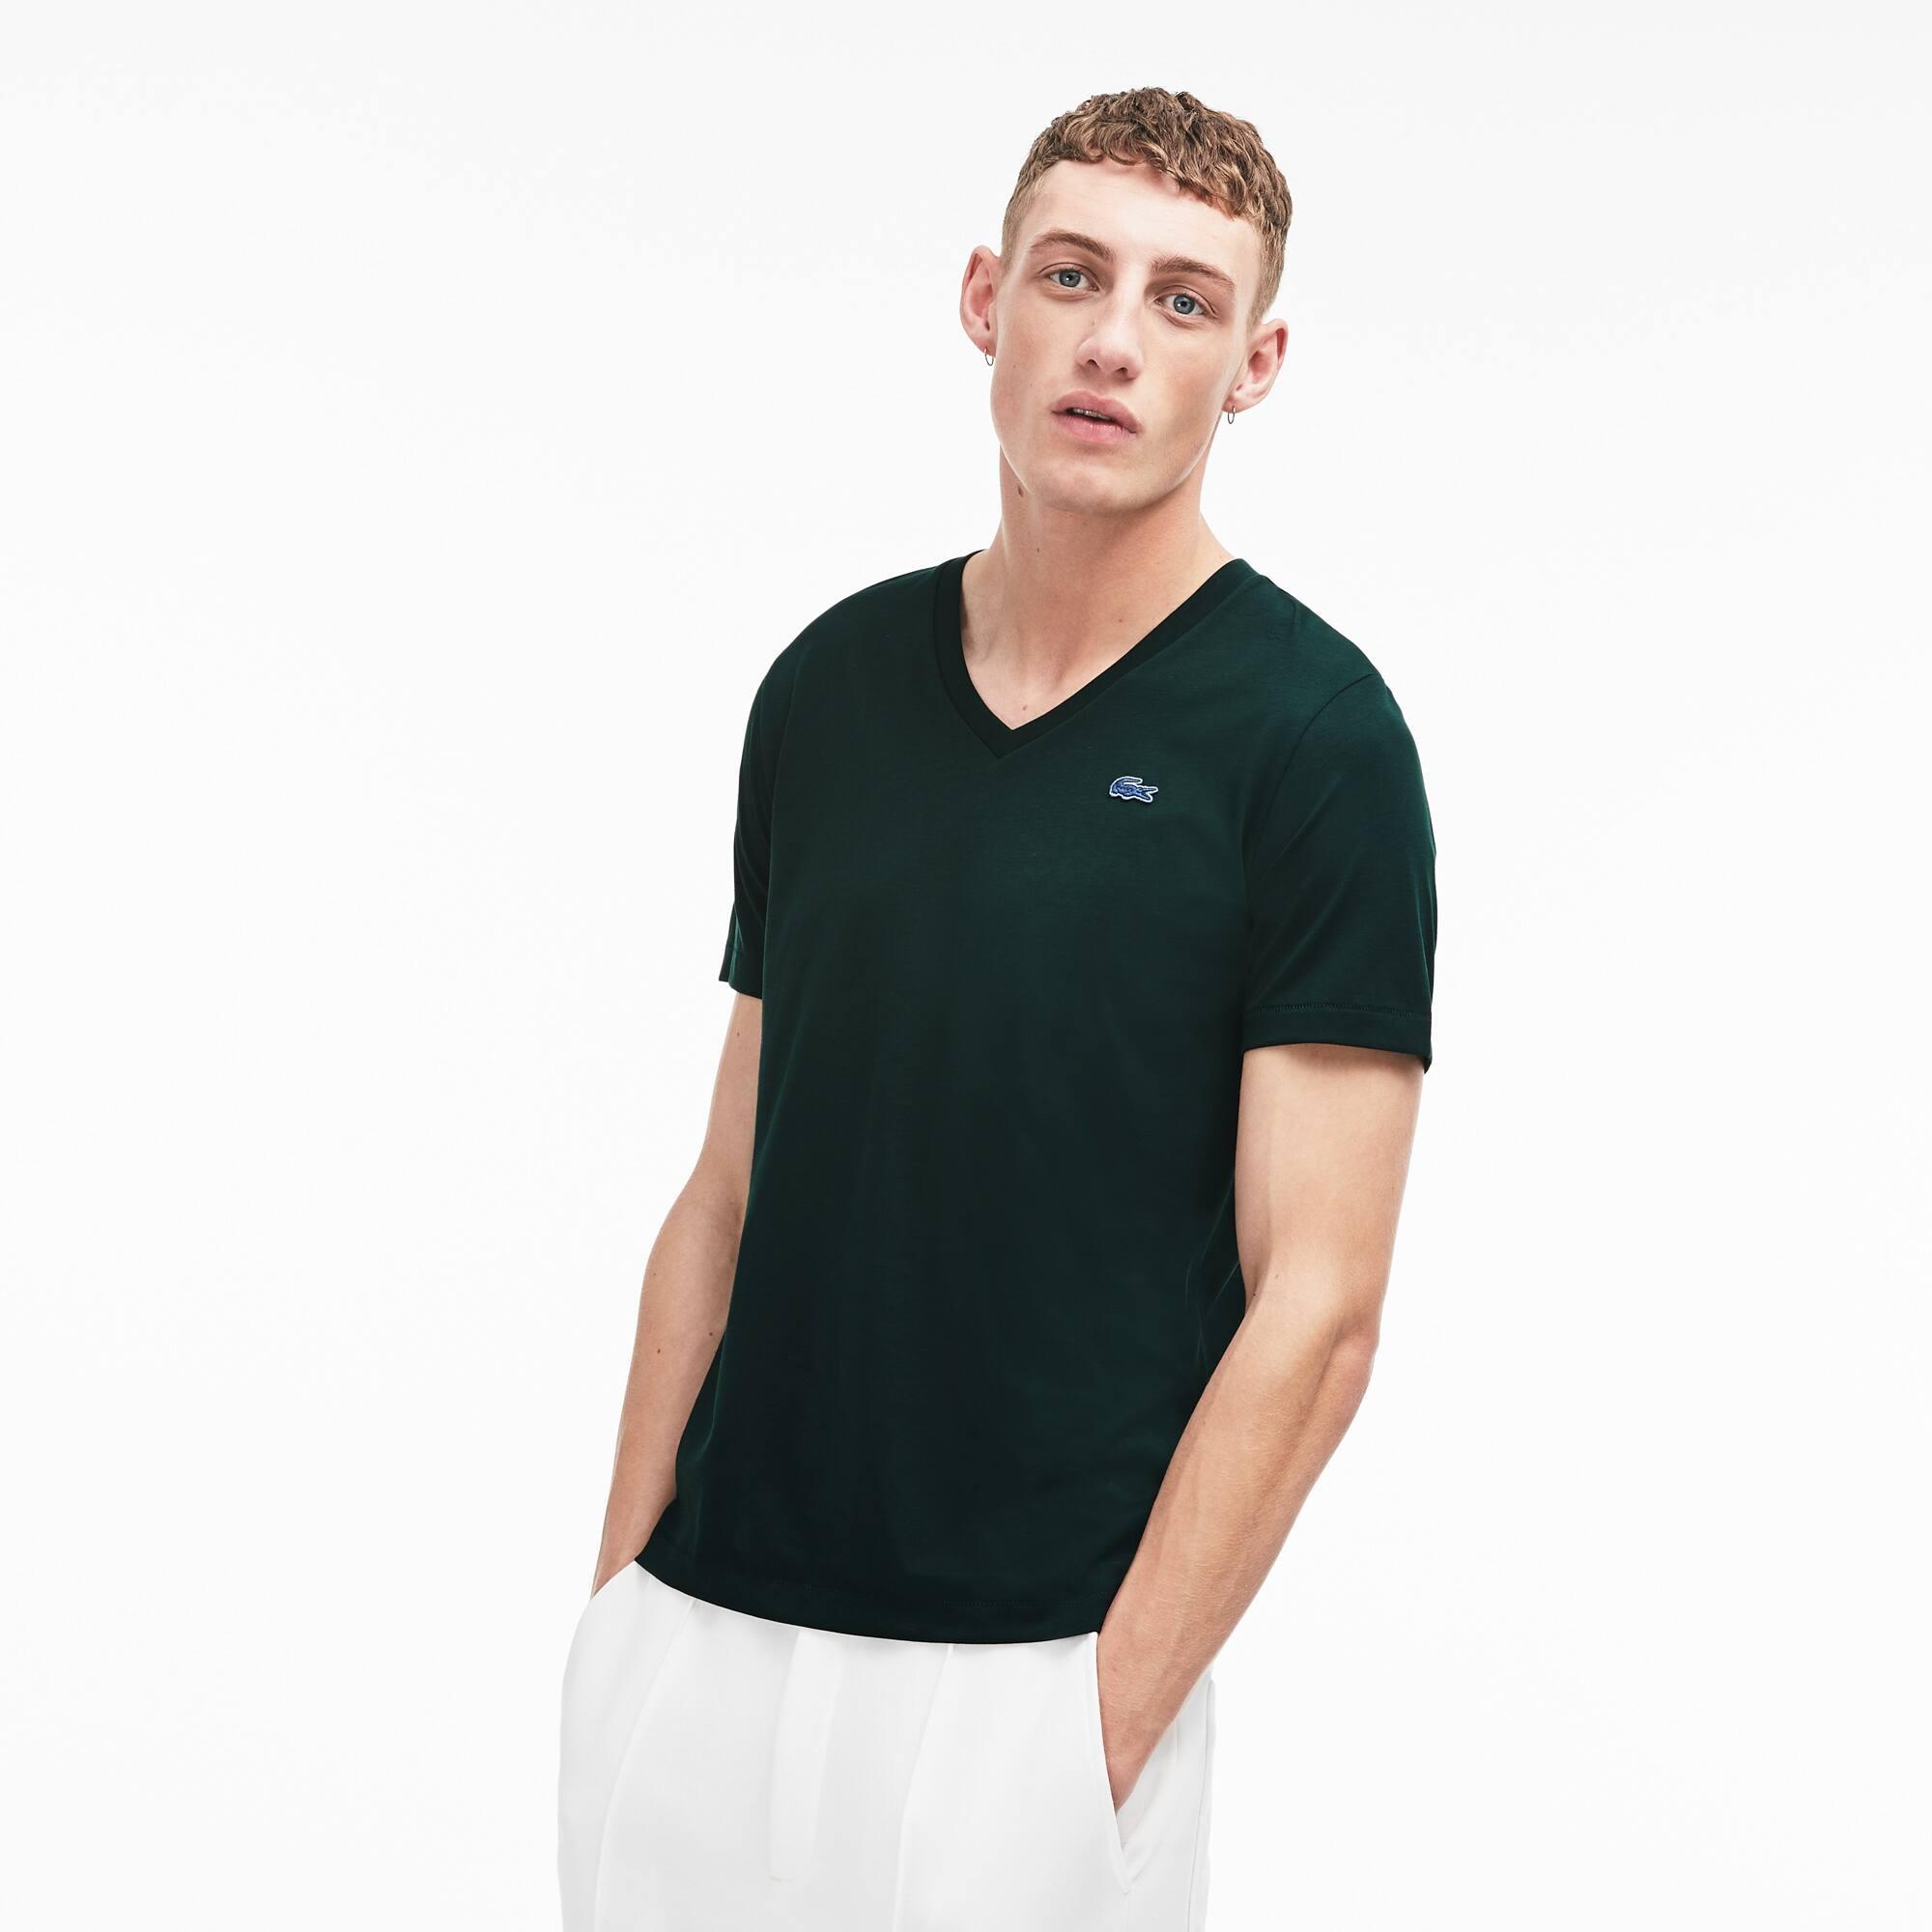 Unisex Lacoste LIVE V-Neck Cotton Jersey T-shirt